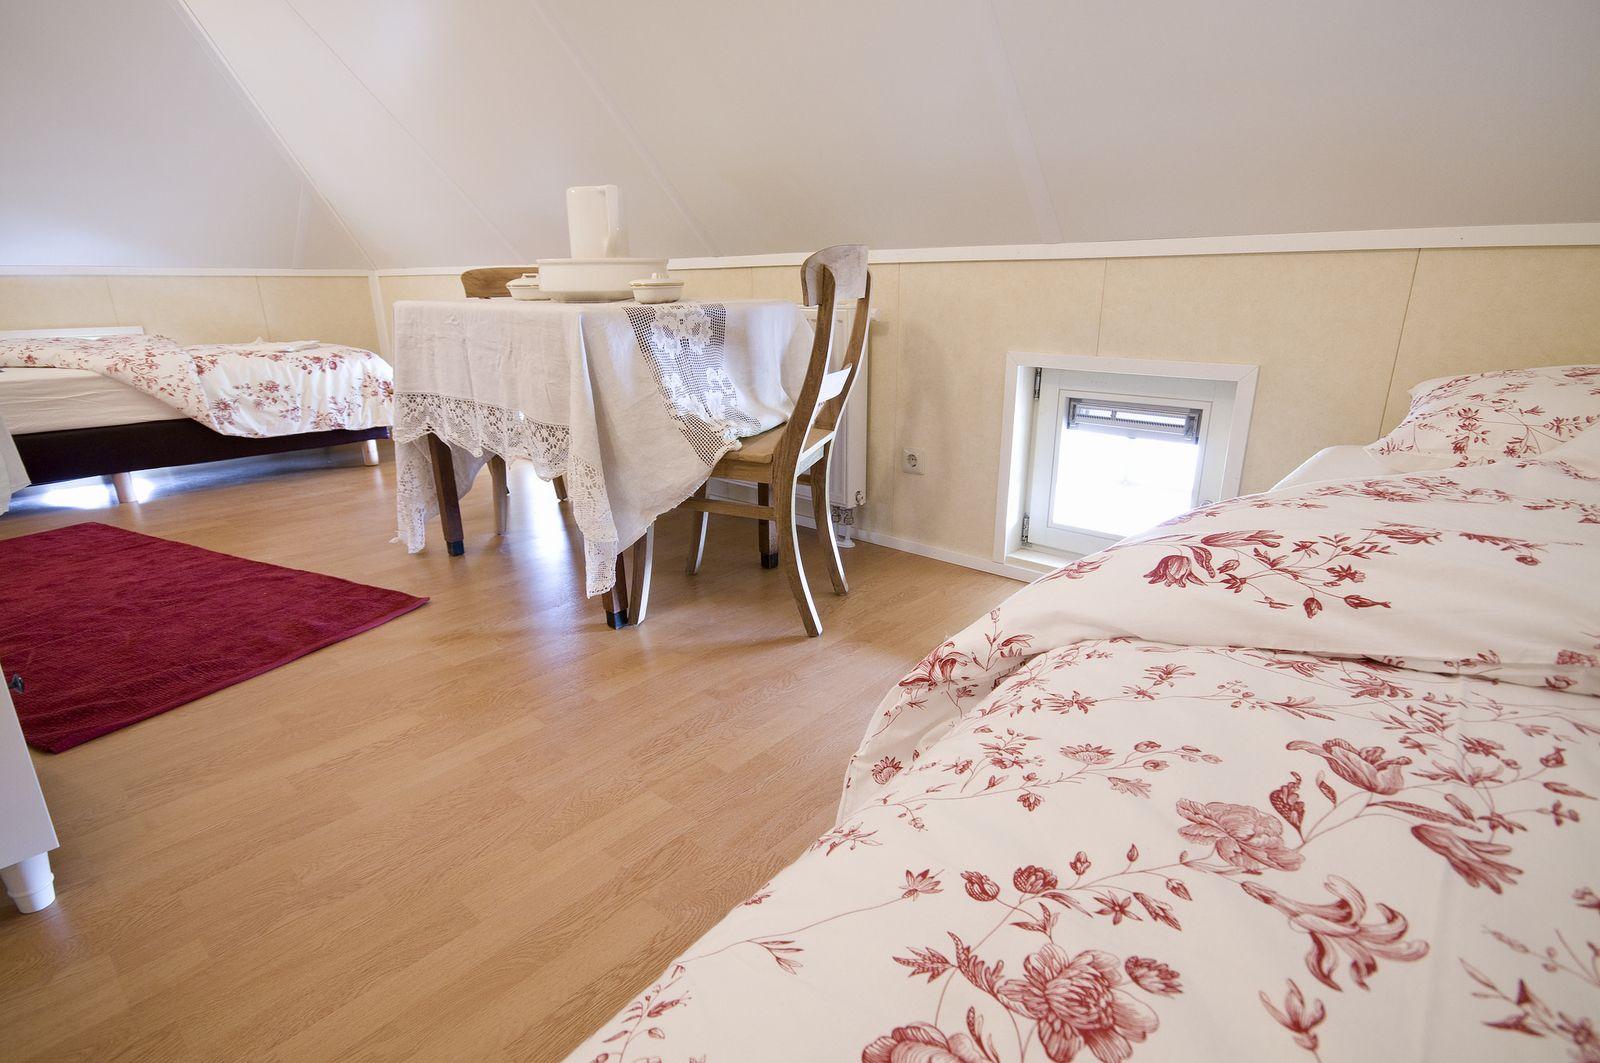 Afbeelding van 2 Reggehooiberg vakantiehuisjes